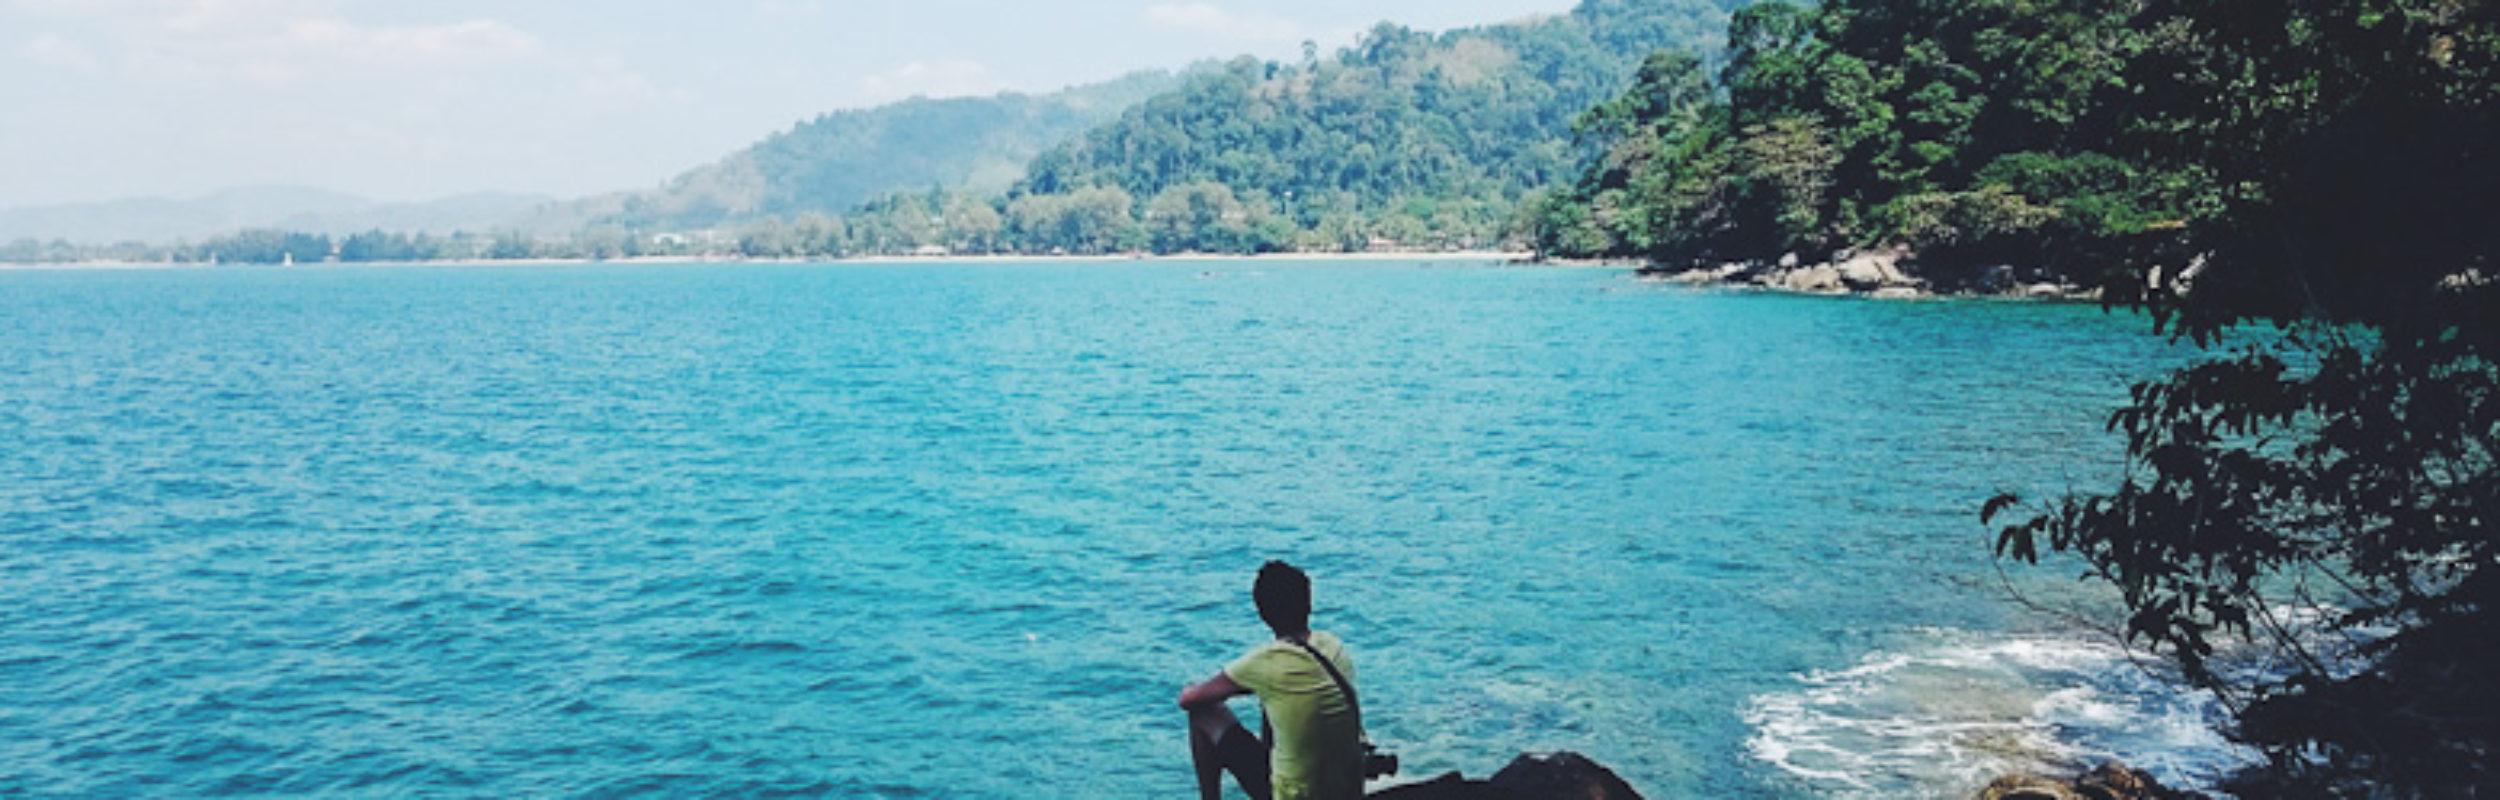 Thaïlande : Khao Lak et îles Similan, entre farniente et snorkeling